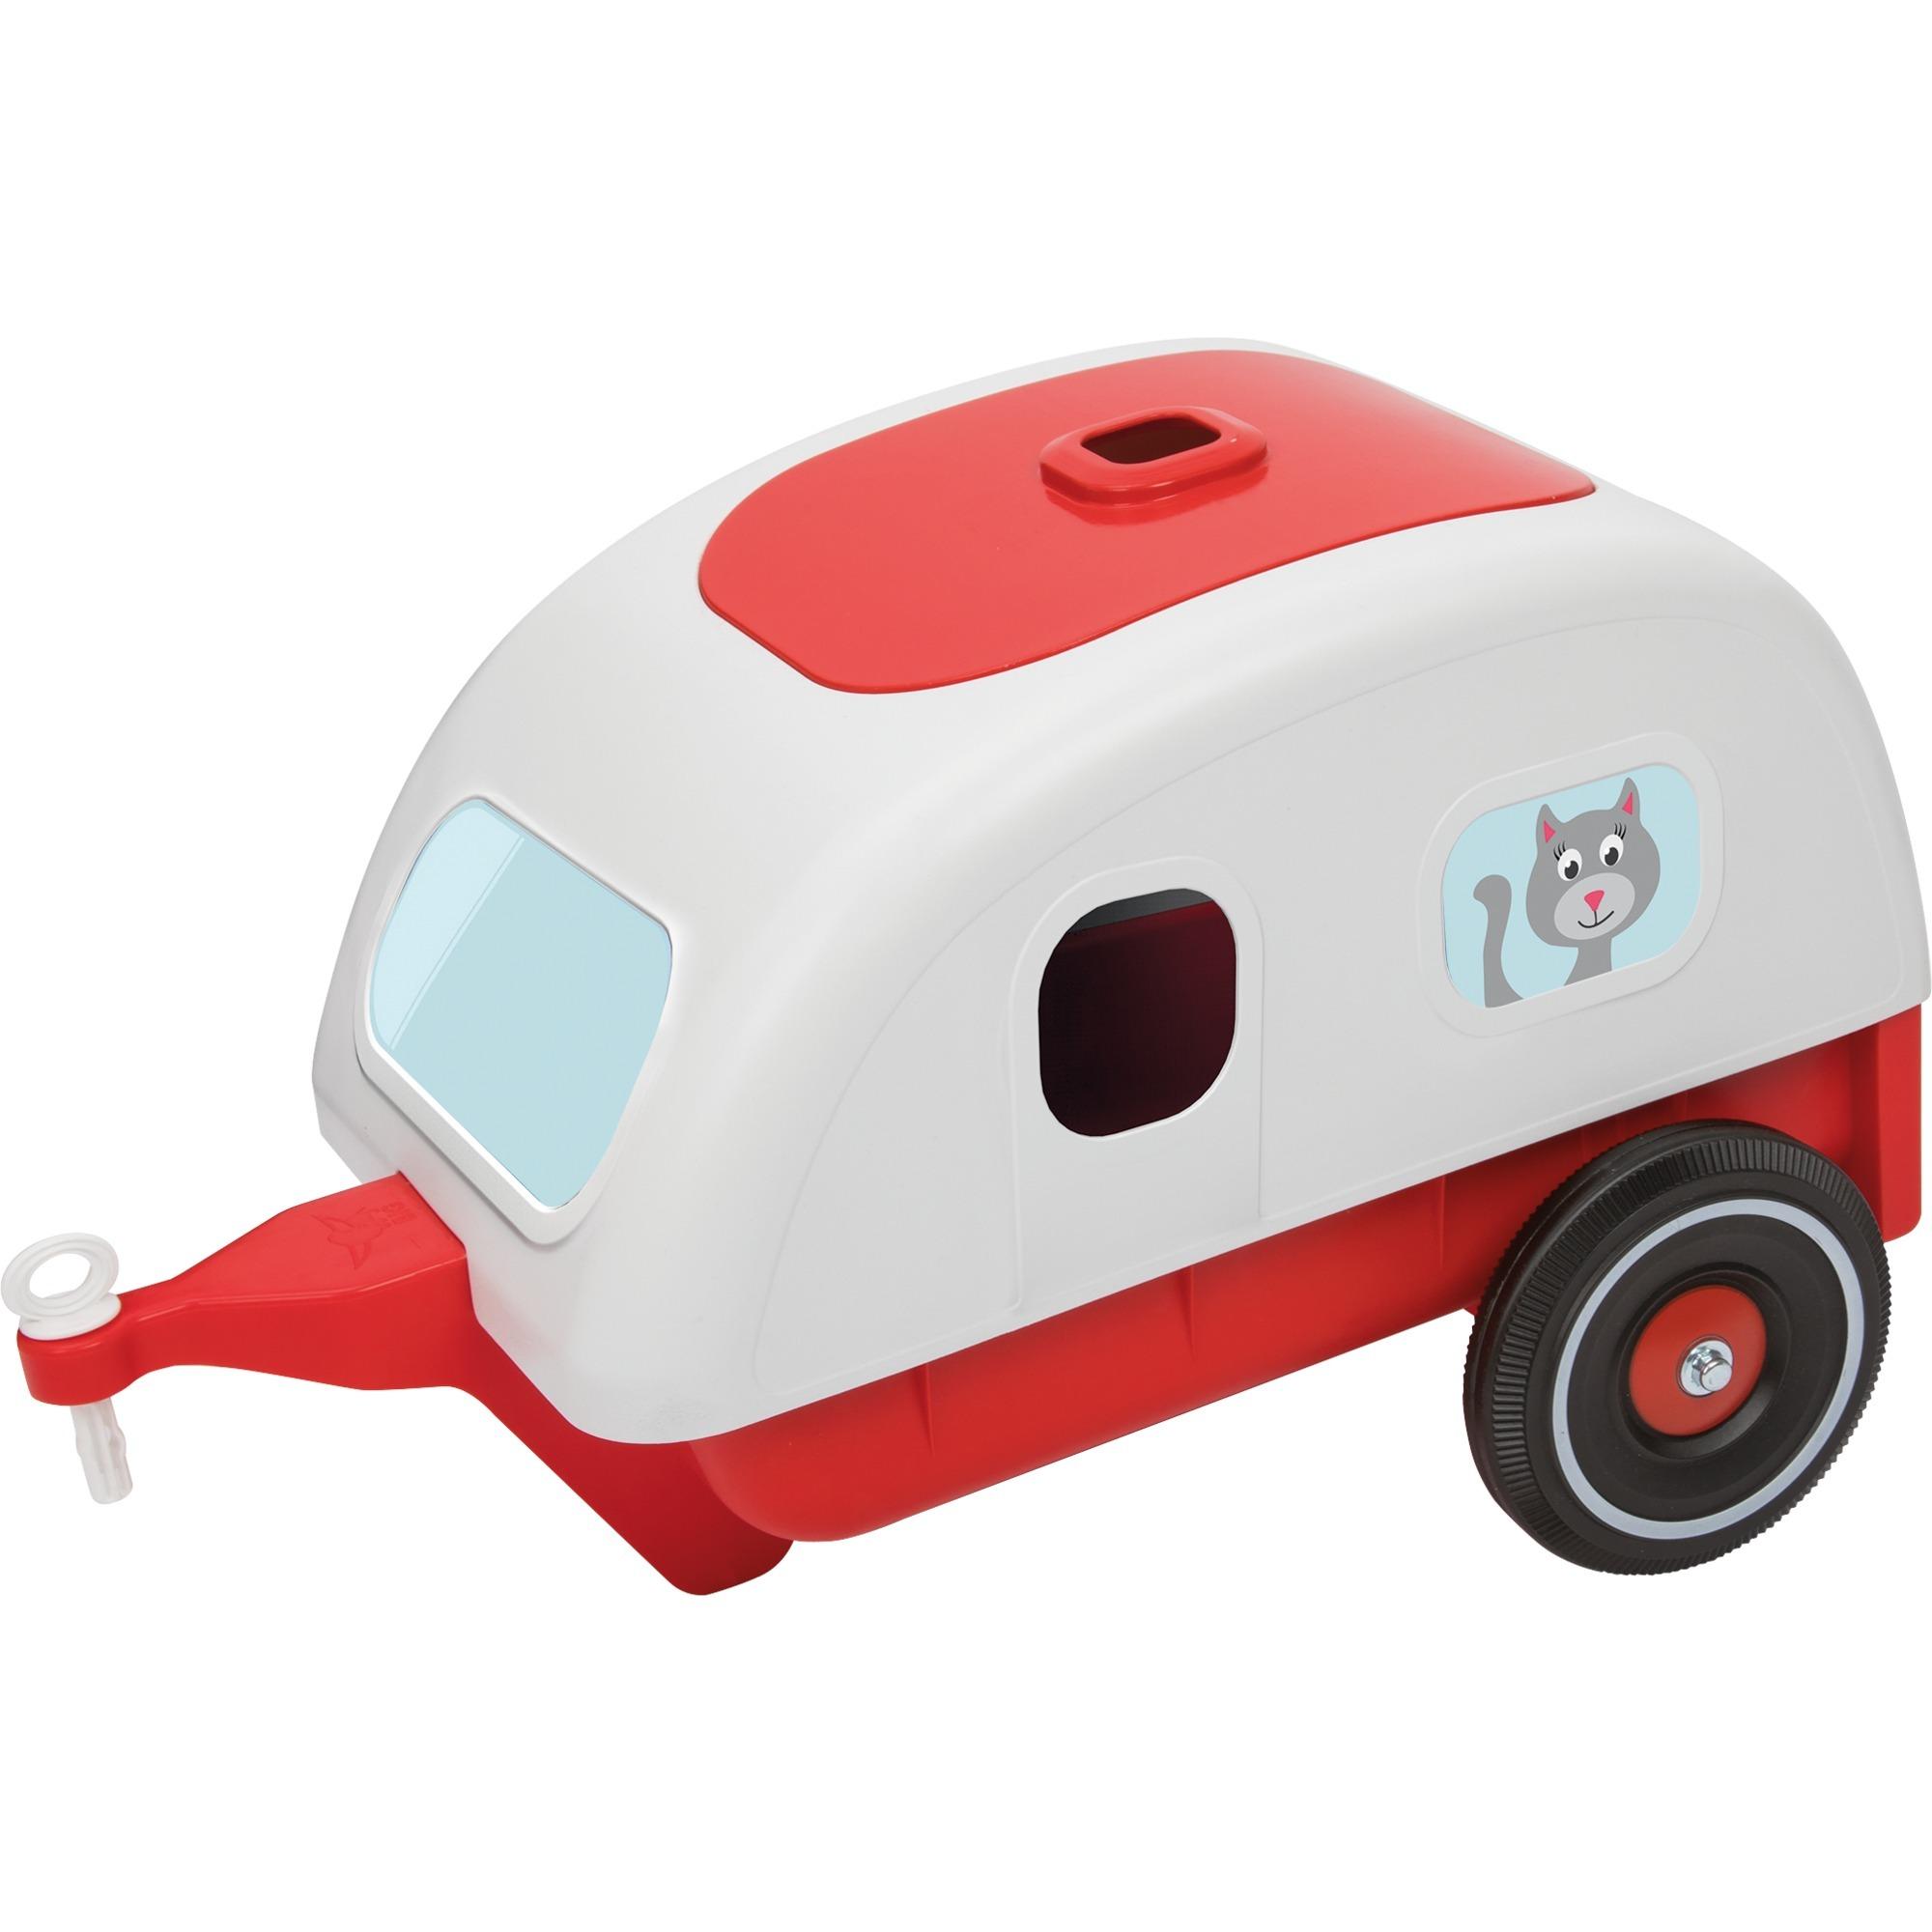 800056259, Automóvil de juguete